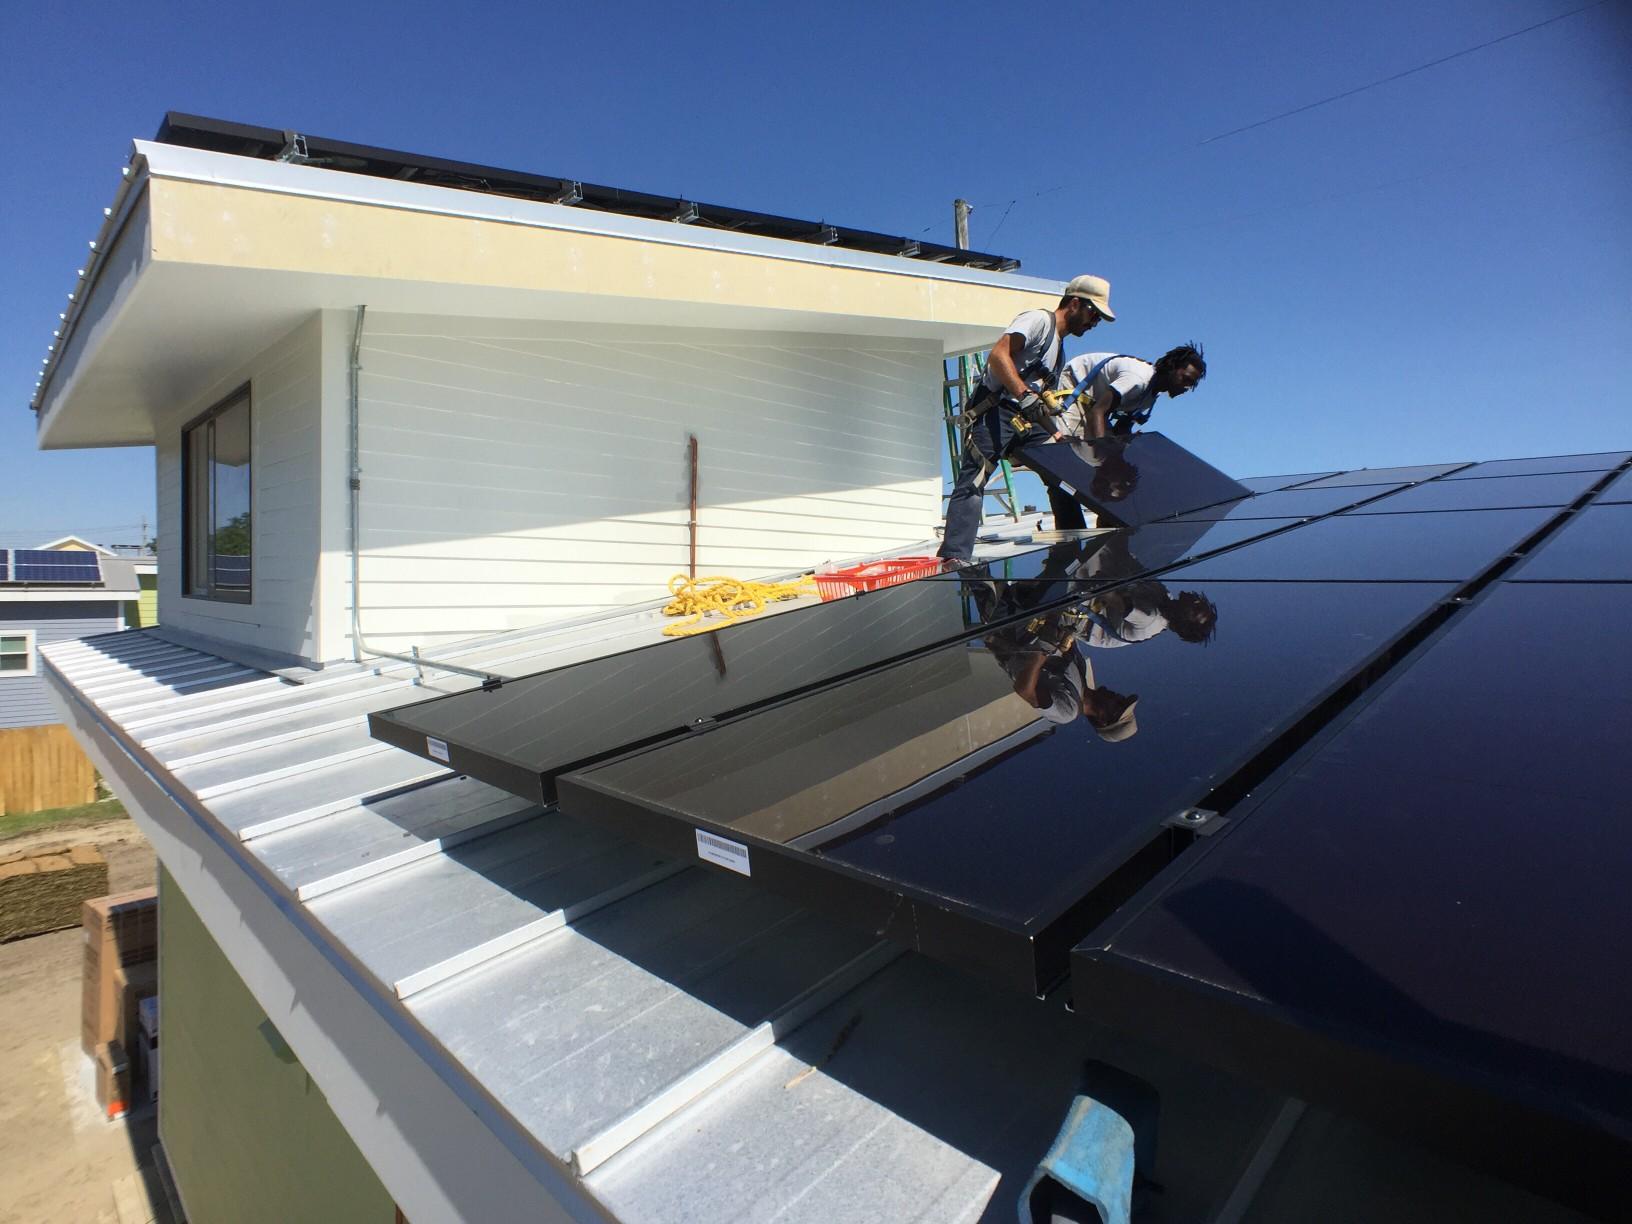 Comment réduire sa facture d'électricité ?